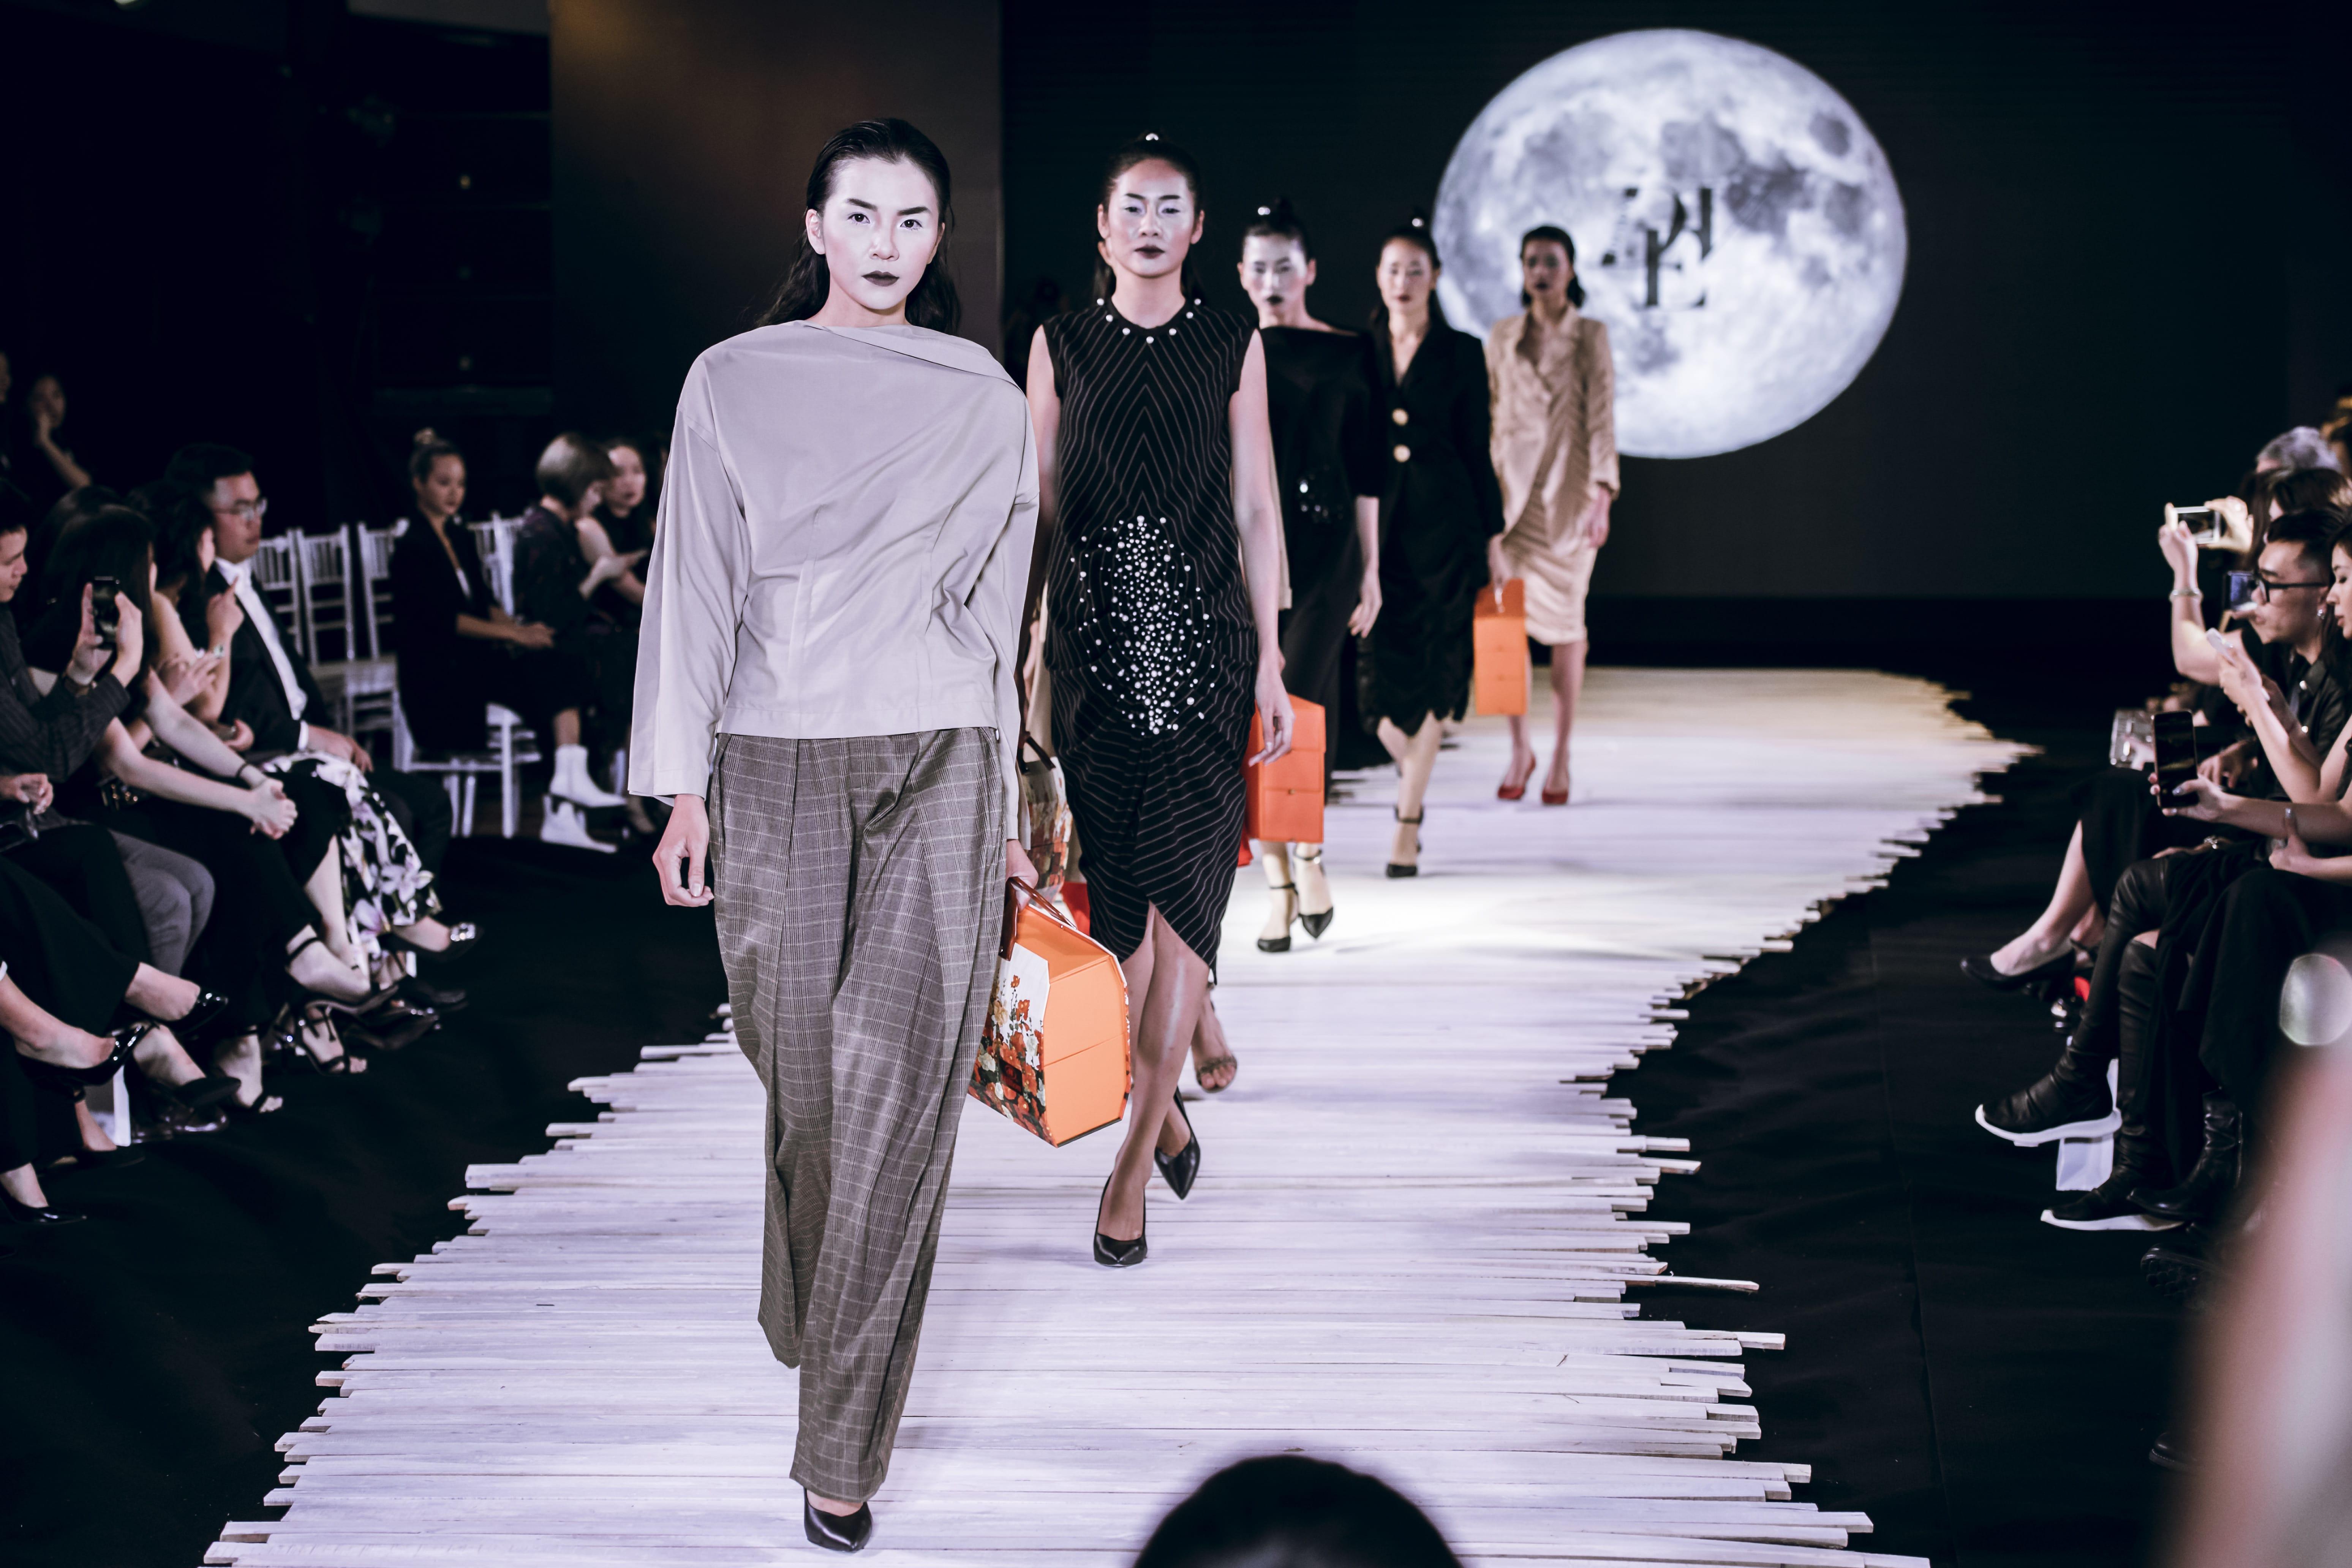 Người mẫu mặc đồ trắng đen trong show diễn Moonlight